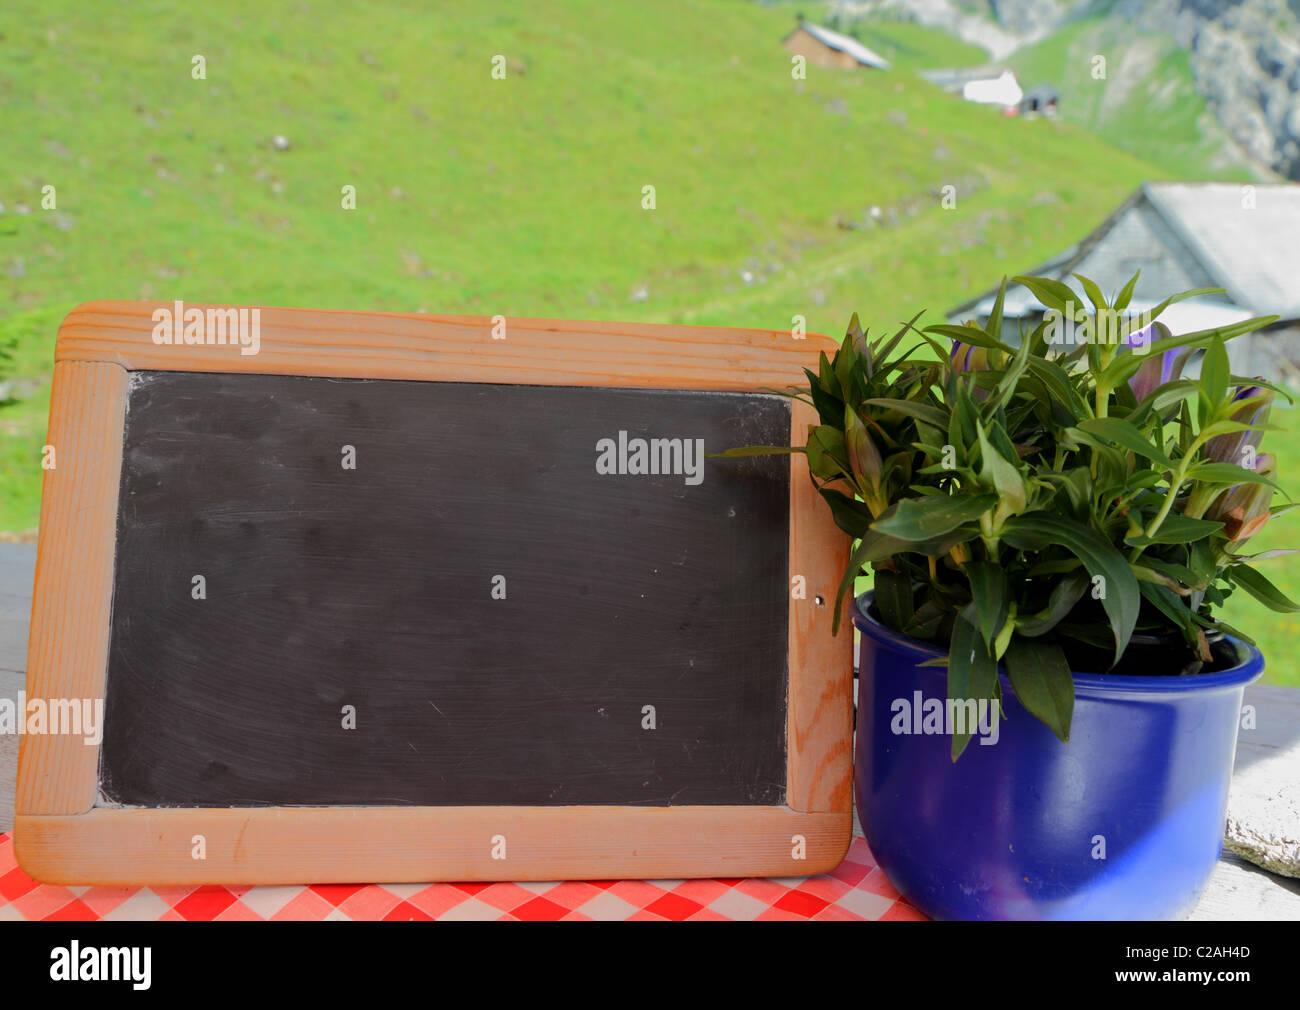 Chalk board in montagna, concept per il rustico o,naturale sano,all'aperto, o messaggio di natura,offerta o Immagini Stock